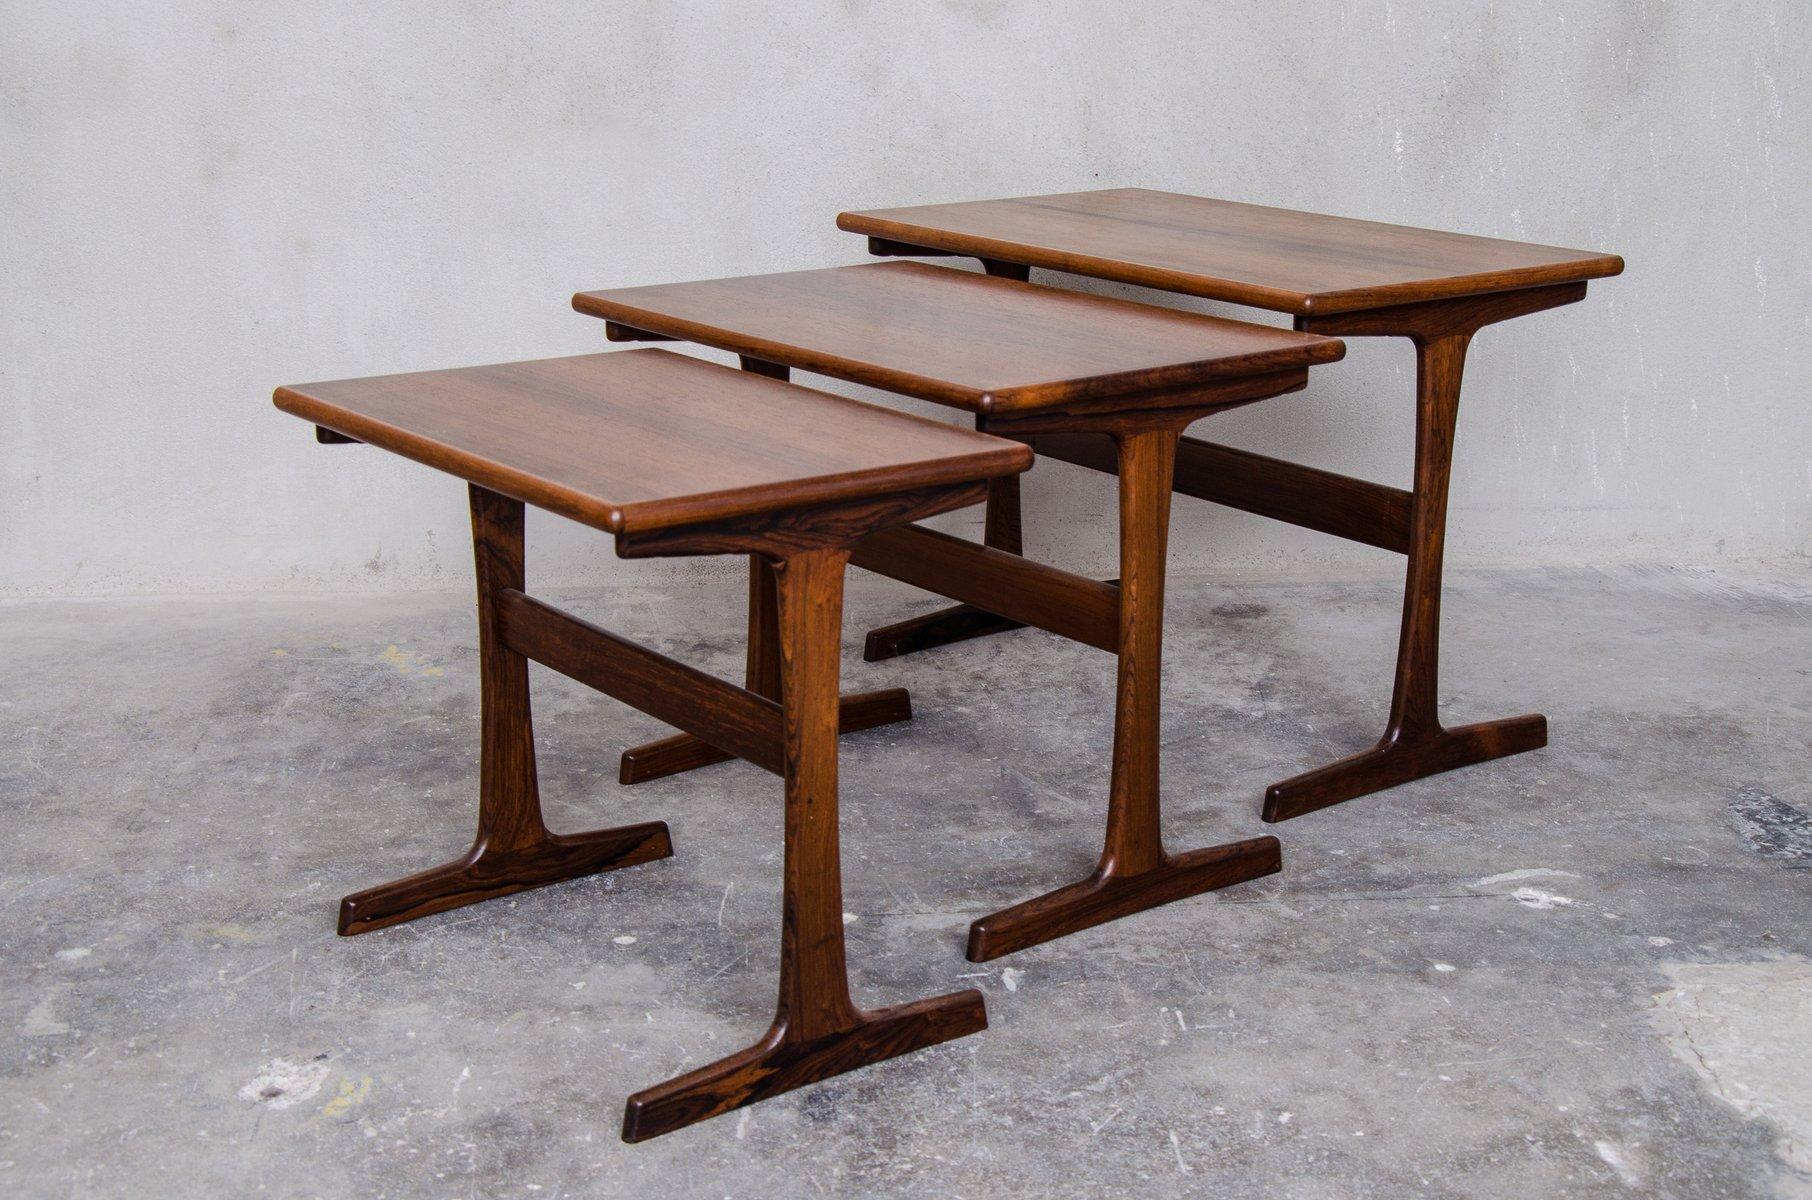 Vintage nesting tables by kai kristiansen for vildbjerg